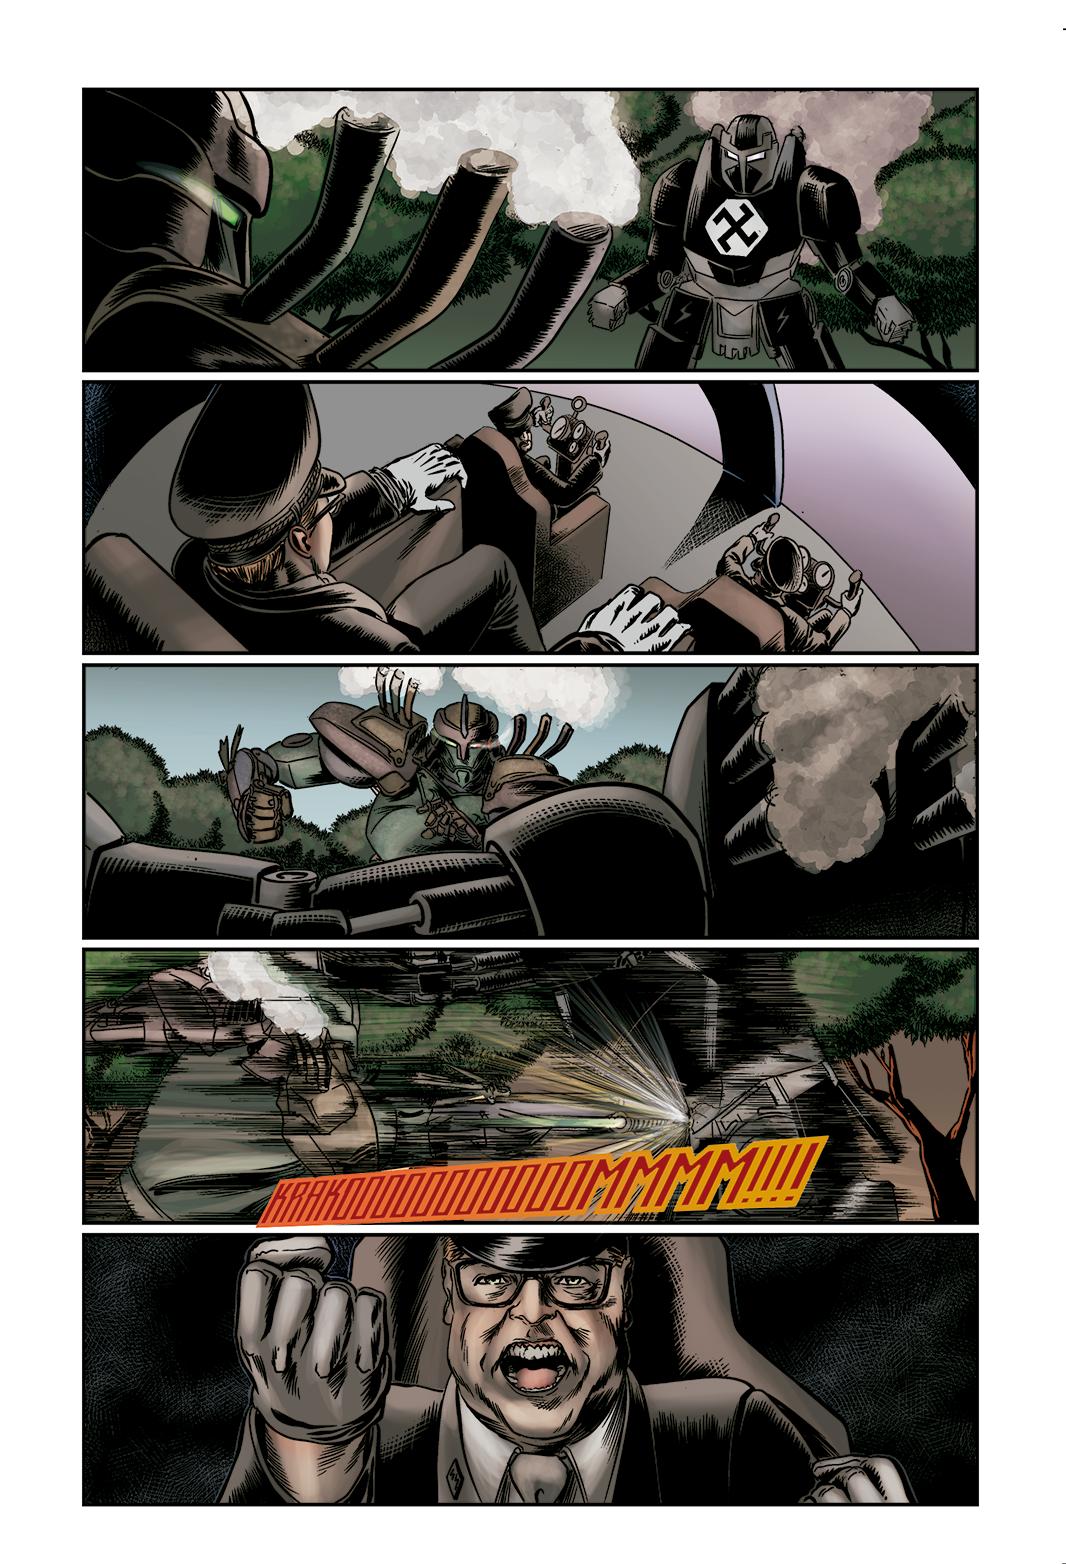 """Página 8 de """"E.M.1 L 1.4"""", da antologia RANCHO DO CORVO DOURADO, de 2019. Linhas e colorização."""